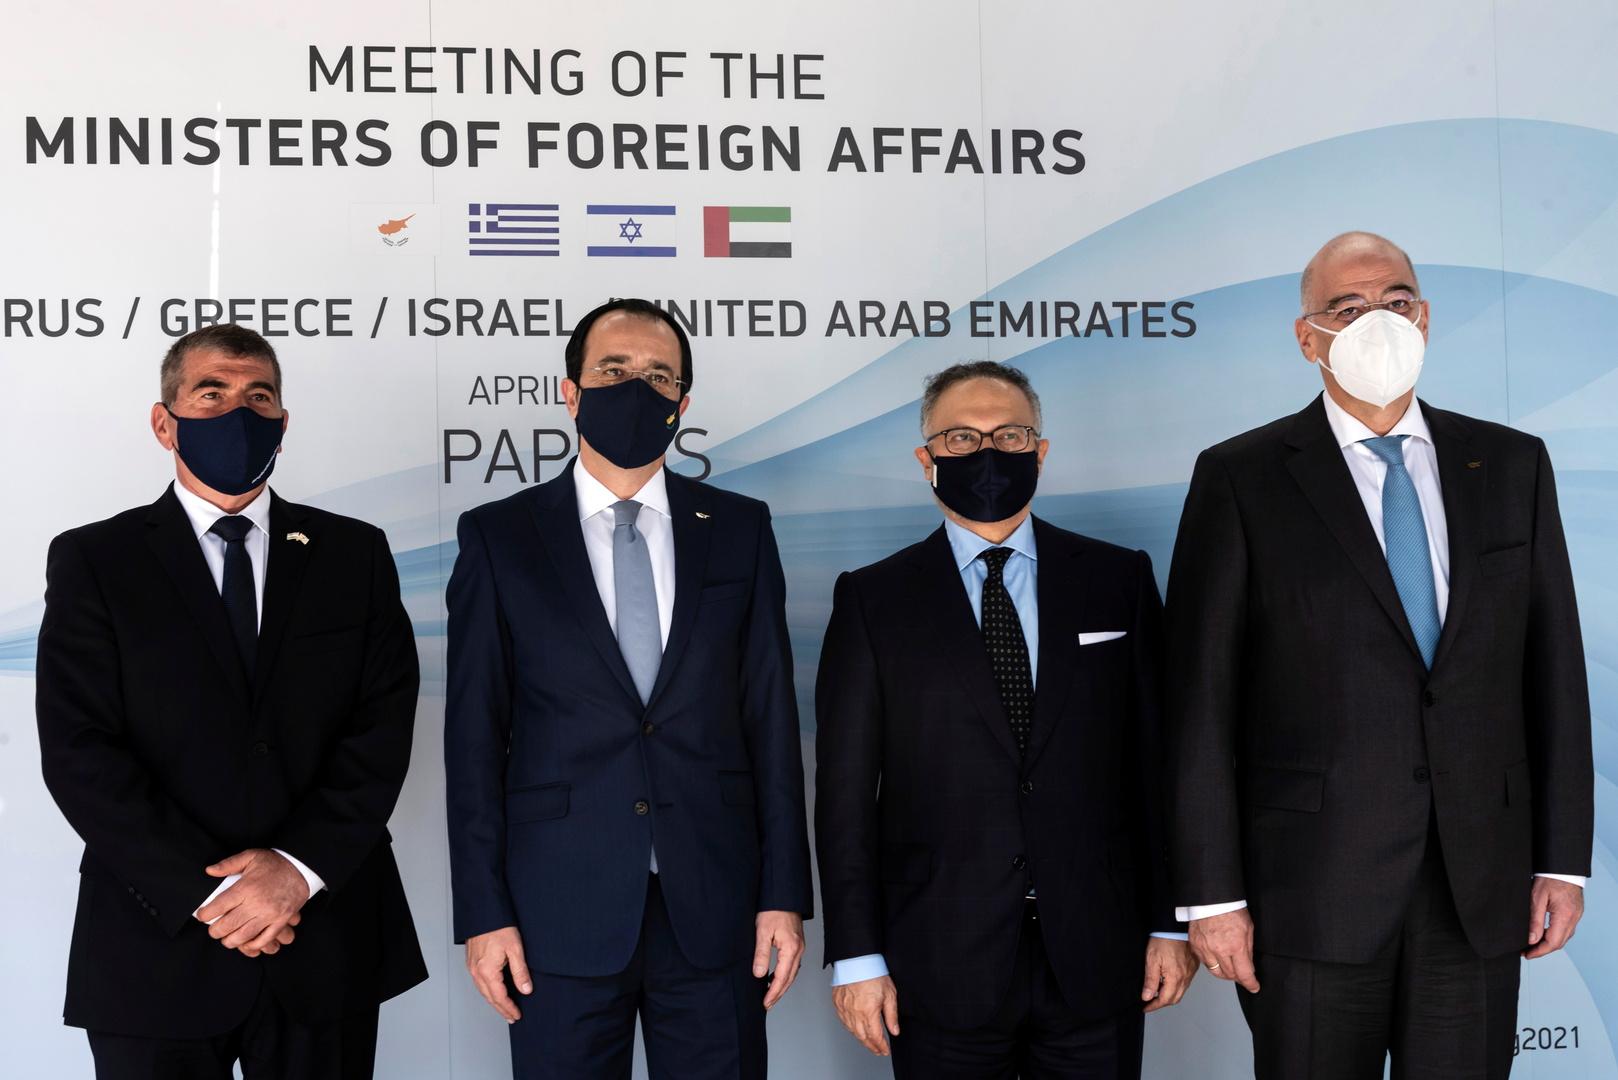 إسرائيل: سنفعل كل ما في وسعنا لمنع إيران من حيازة السلاح النووي